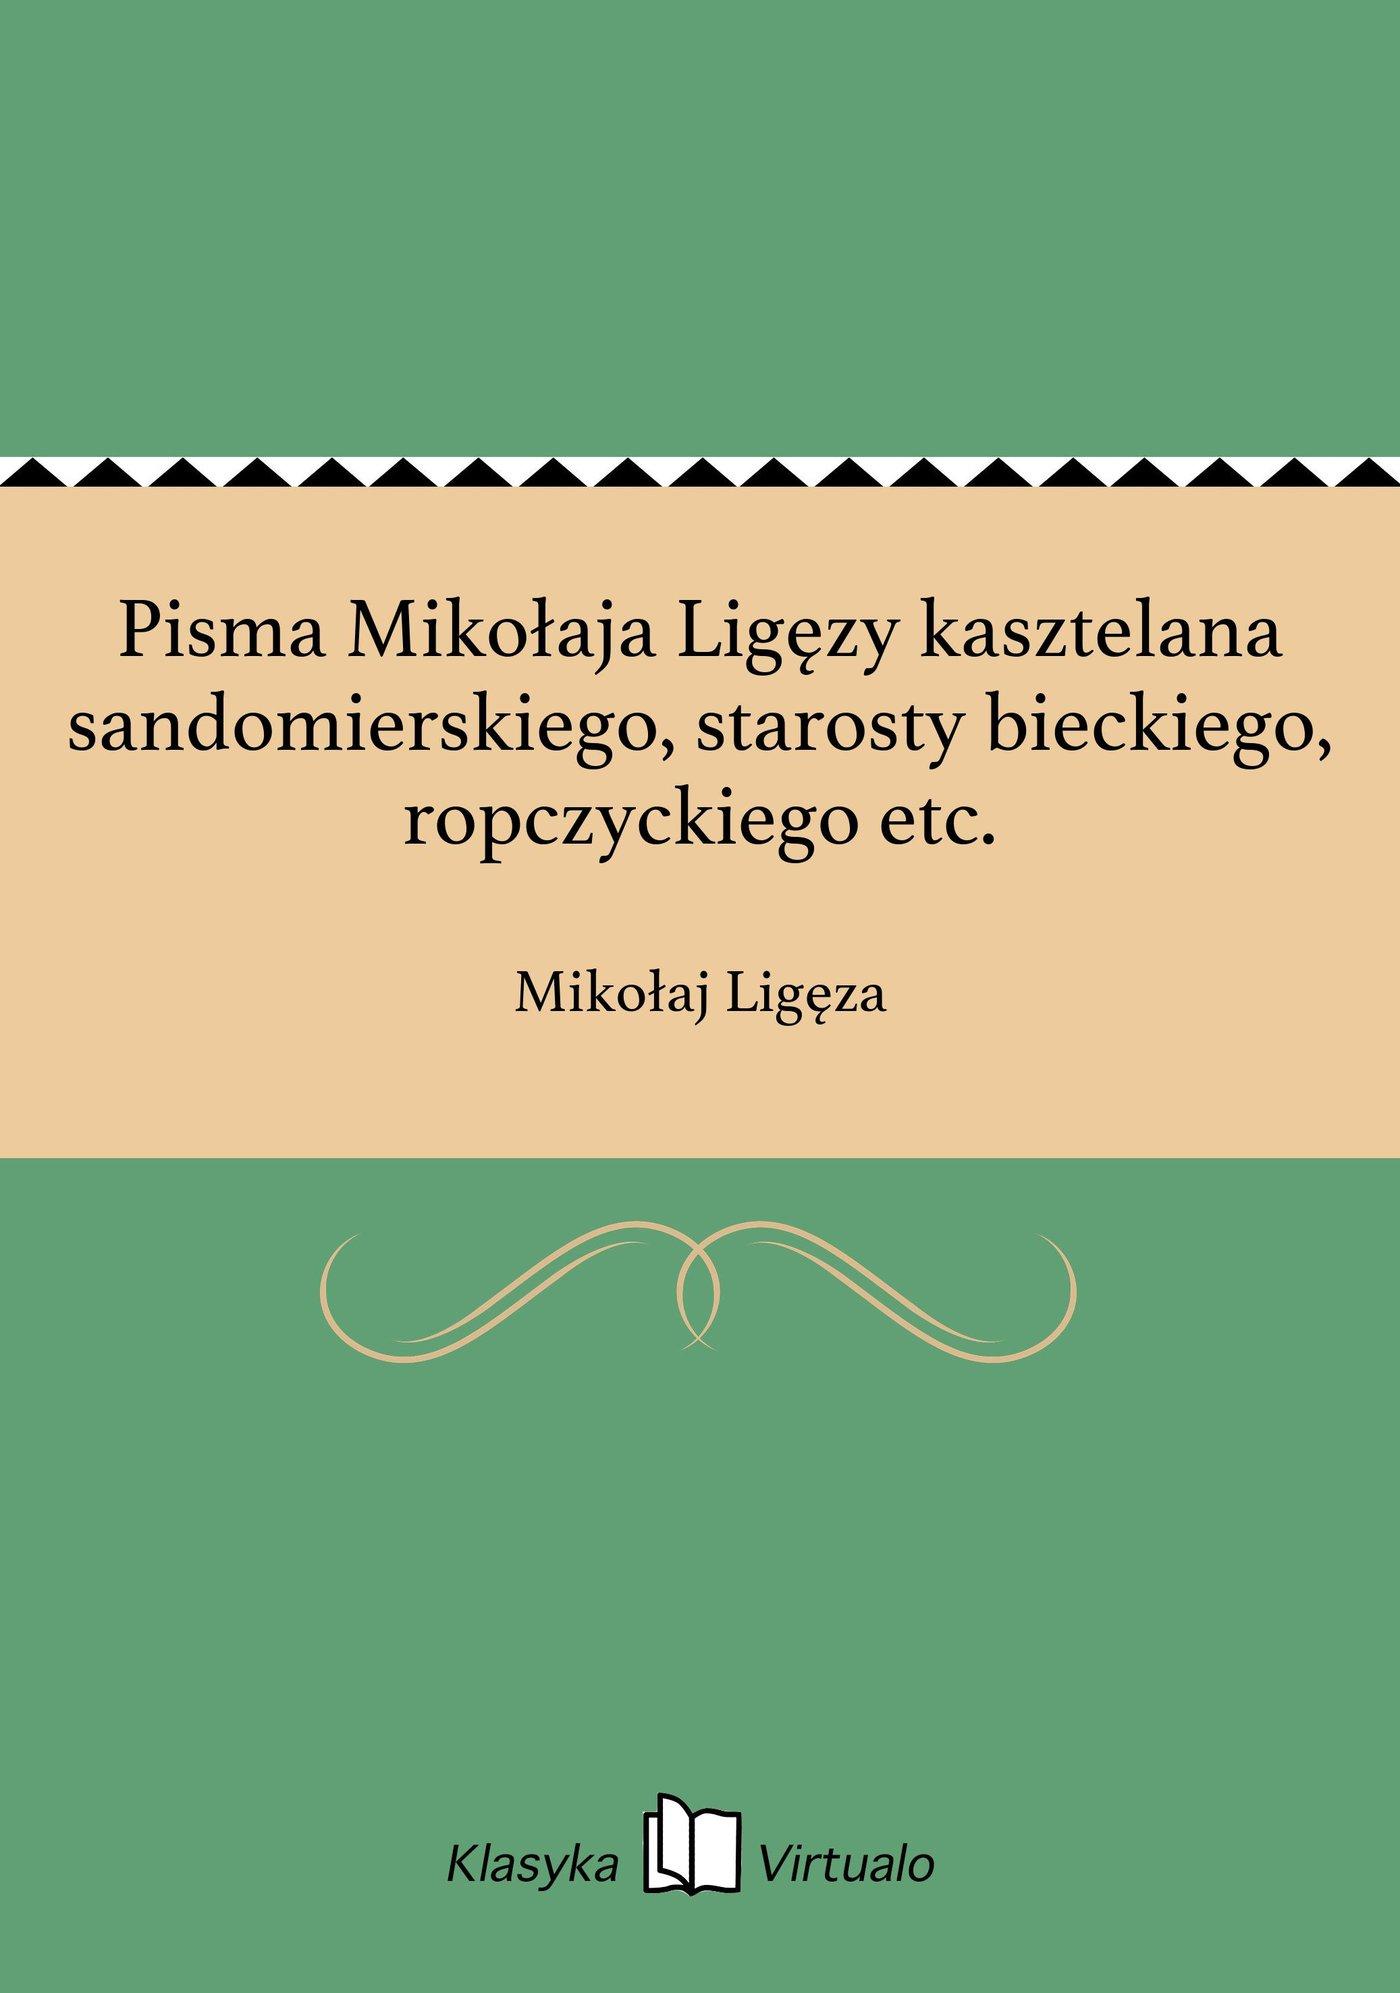 Pisma Mikołaja Ligęzy kasztelana sandomierskiego, starosty bieckiego, ropczyckiego etc. - Ebook (Książka EPUB) do pobrania w formacie EPUB